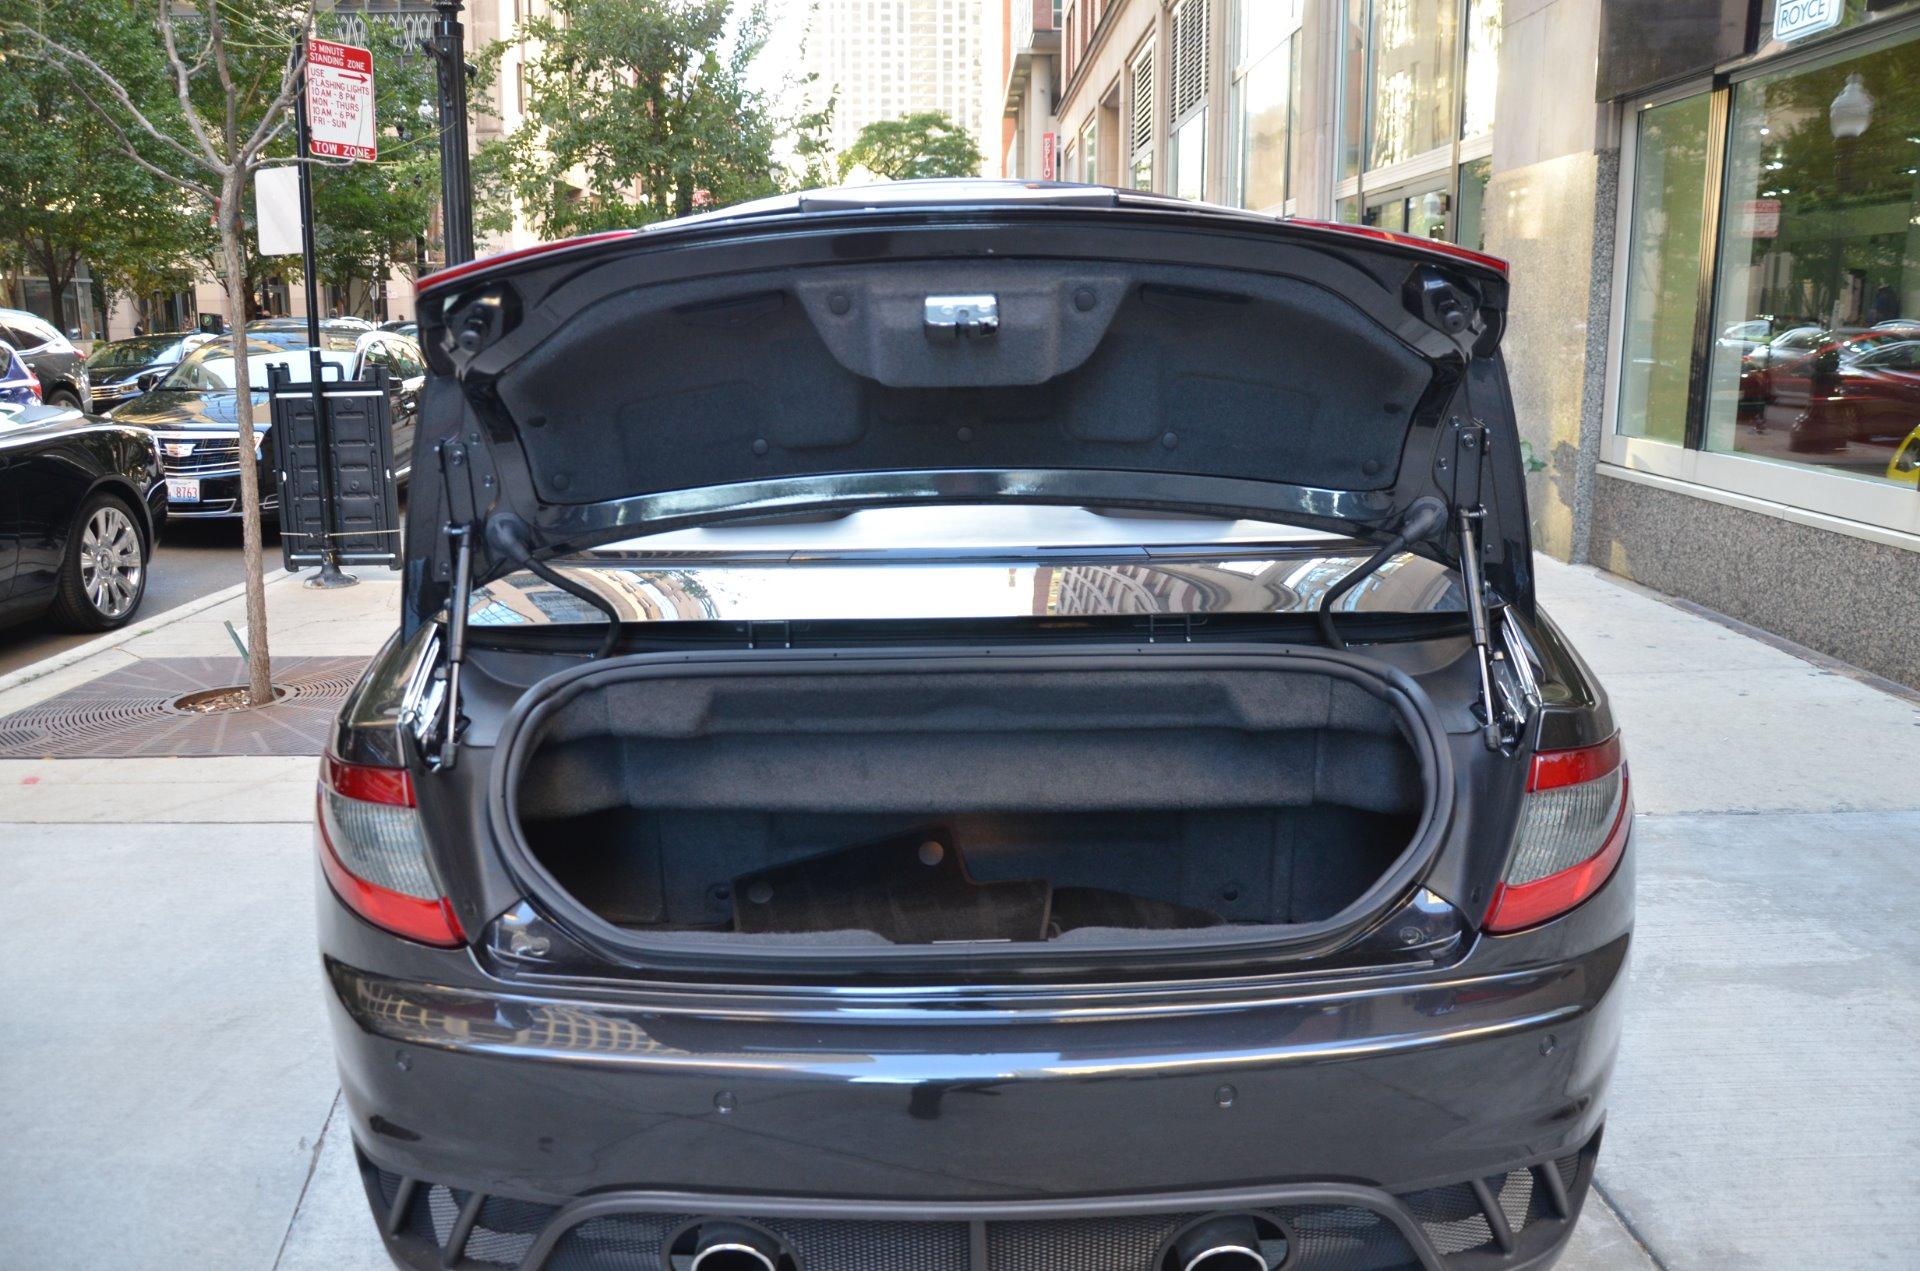 2013 maserati granturismo mc convertible sport stock l308aa for sale near chicago il il. Black Bedroom Furniture Sets. Home Design Ideas